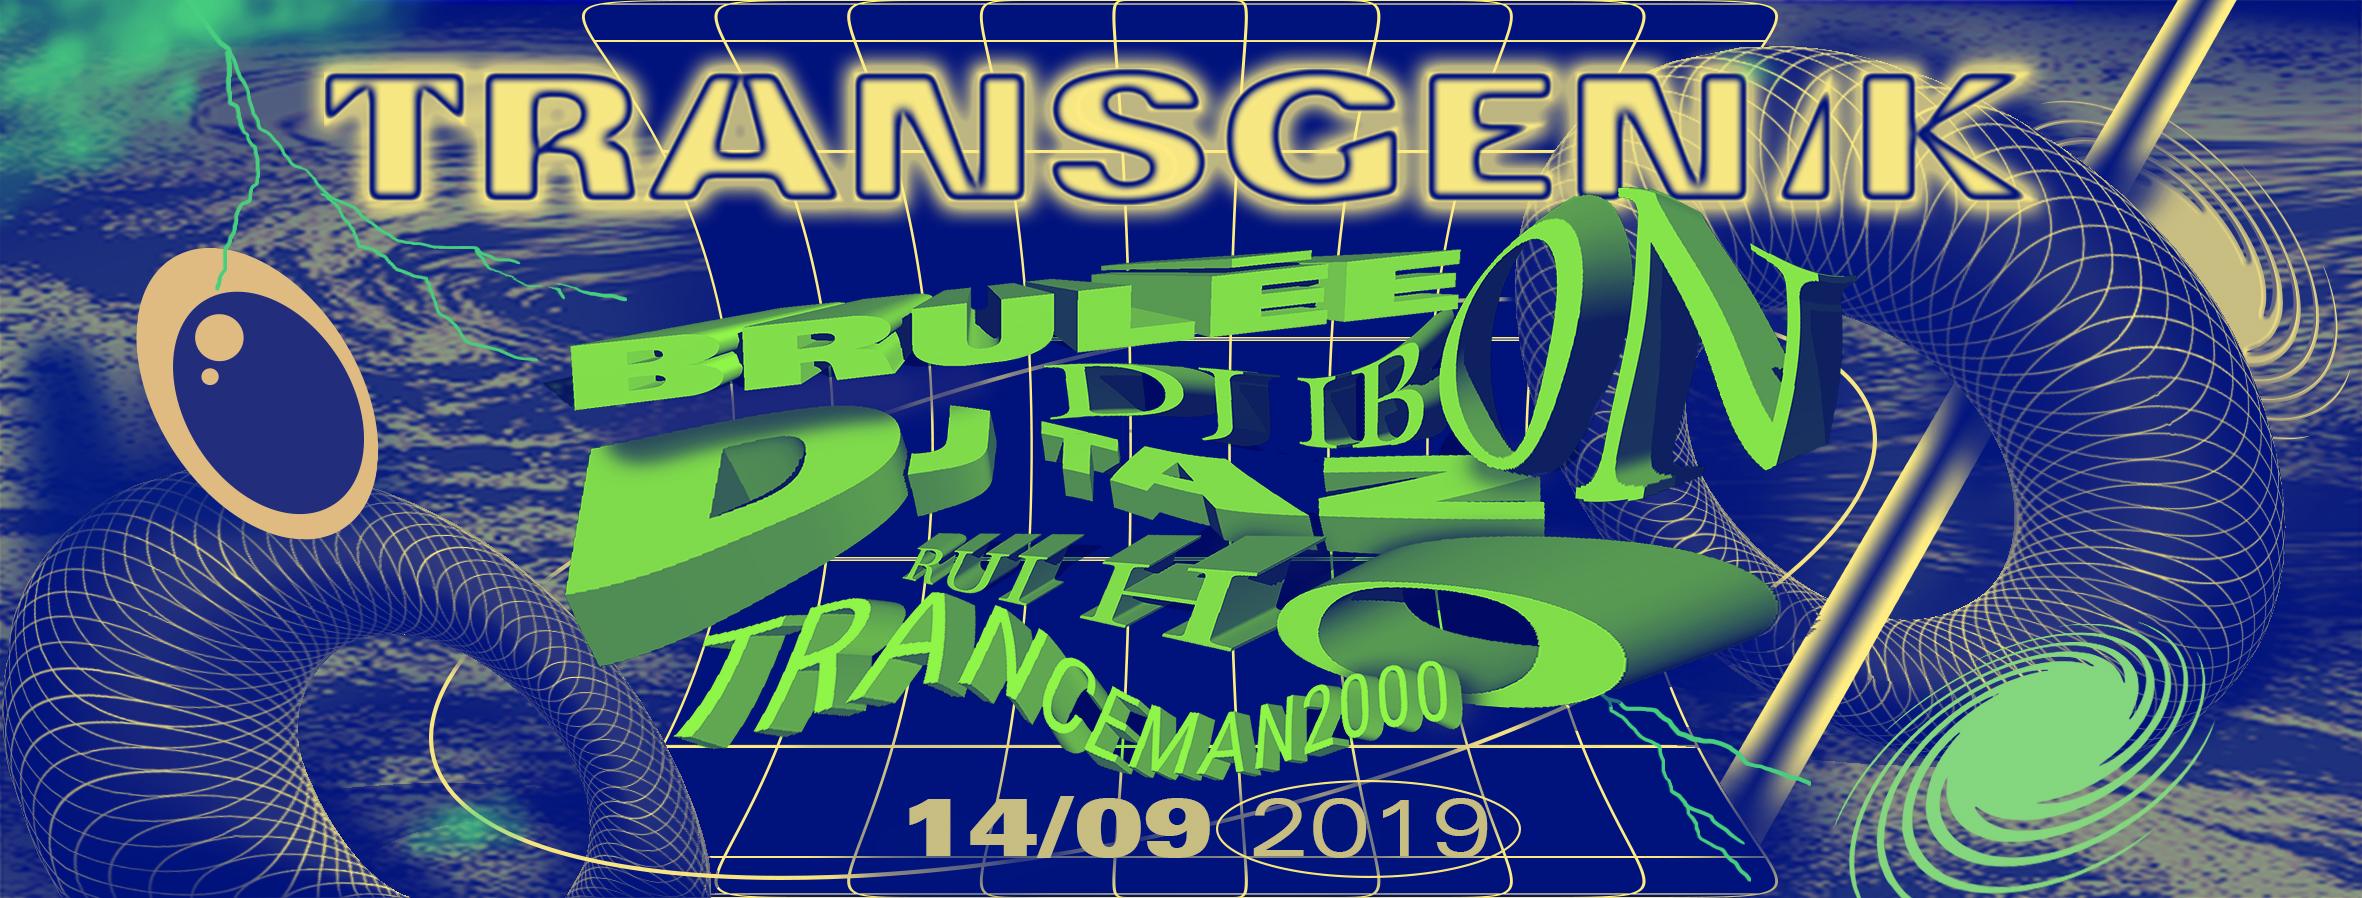 Transgenik